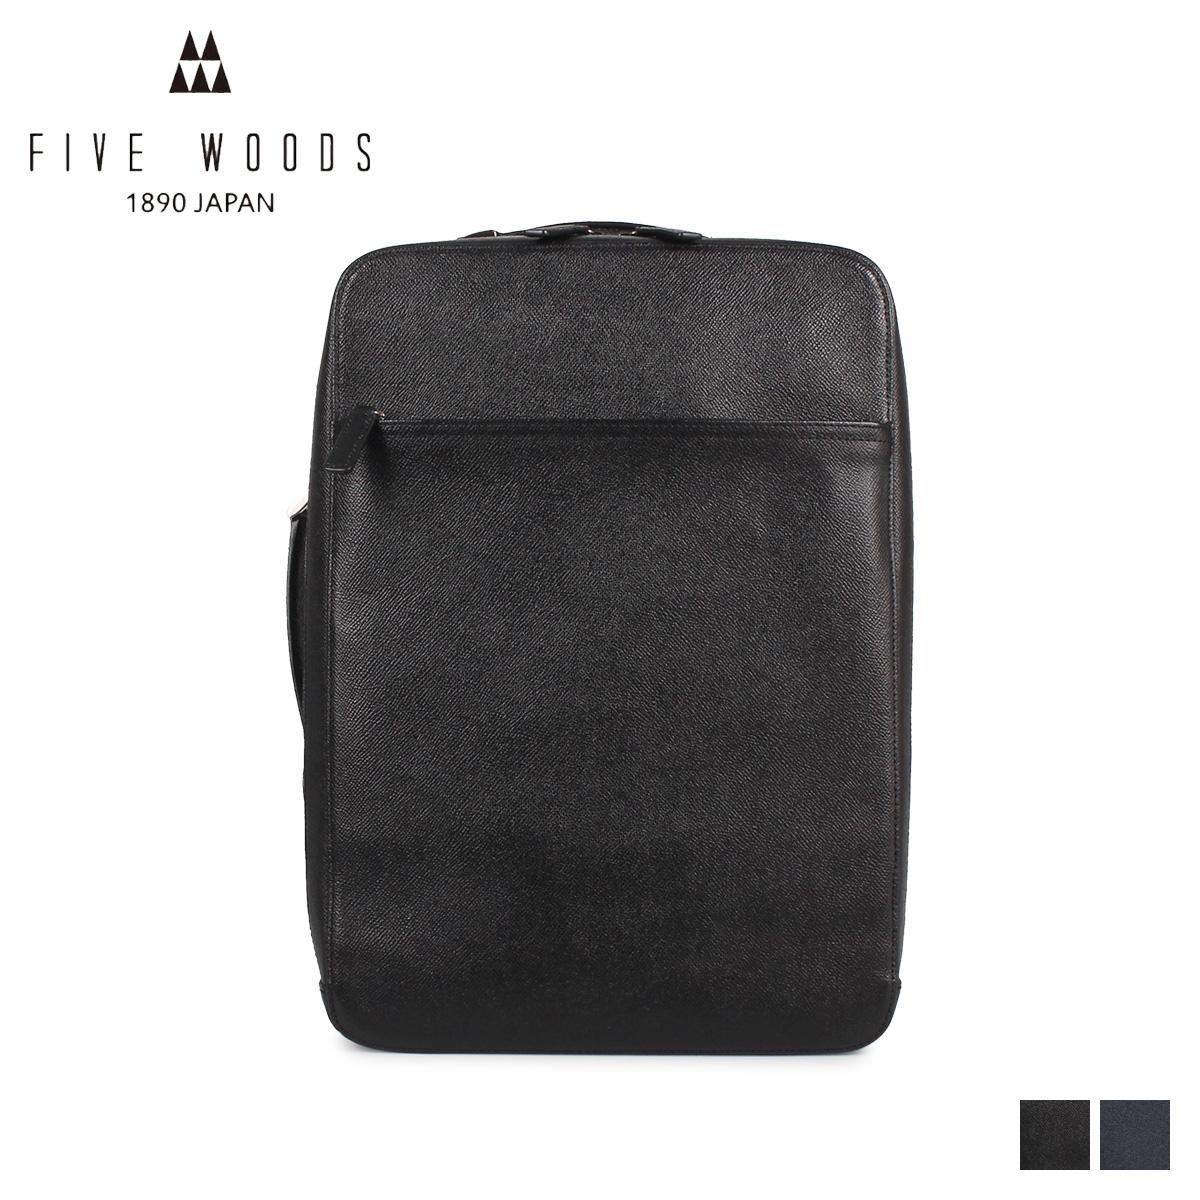 ファイブウッズ FIVE WOODS リュック バッグ バックパック メンズ SAPPHIRE BACKPACK ブラック ネイビー 黒 39222